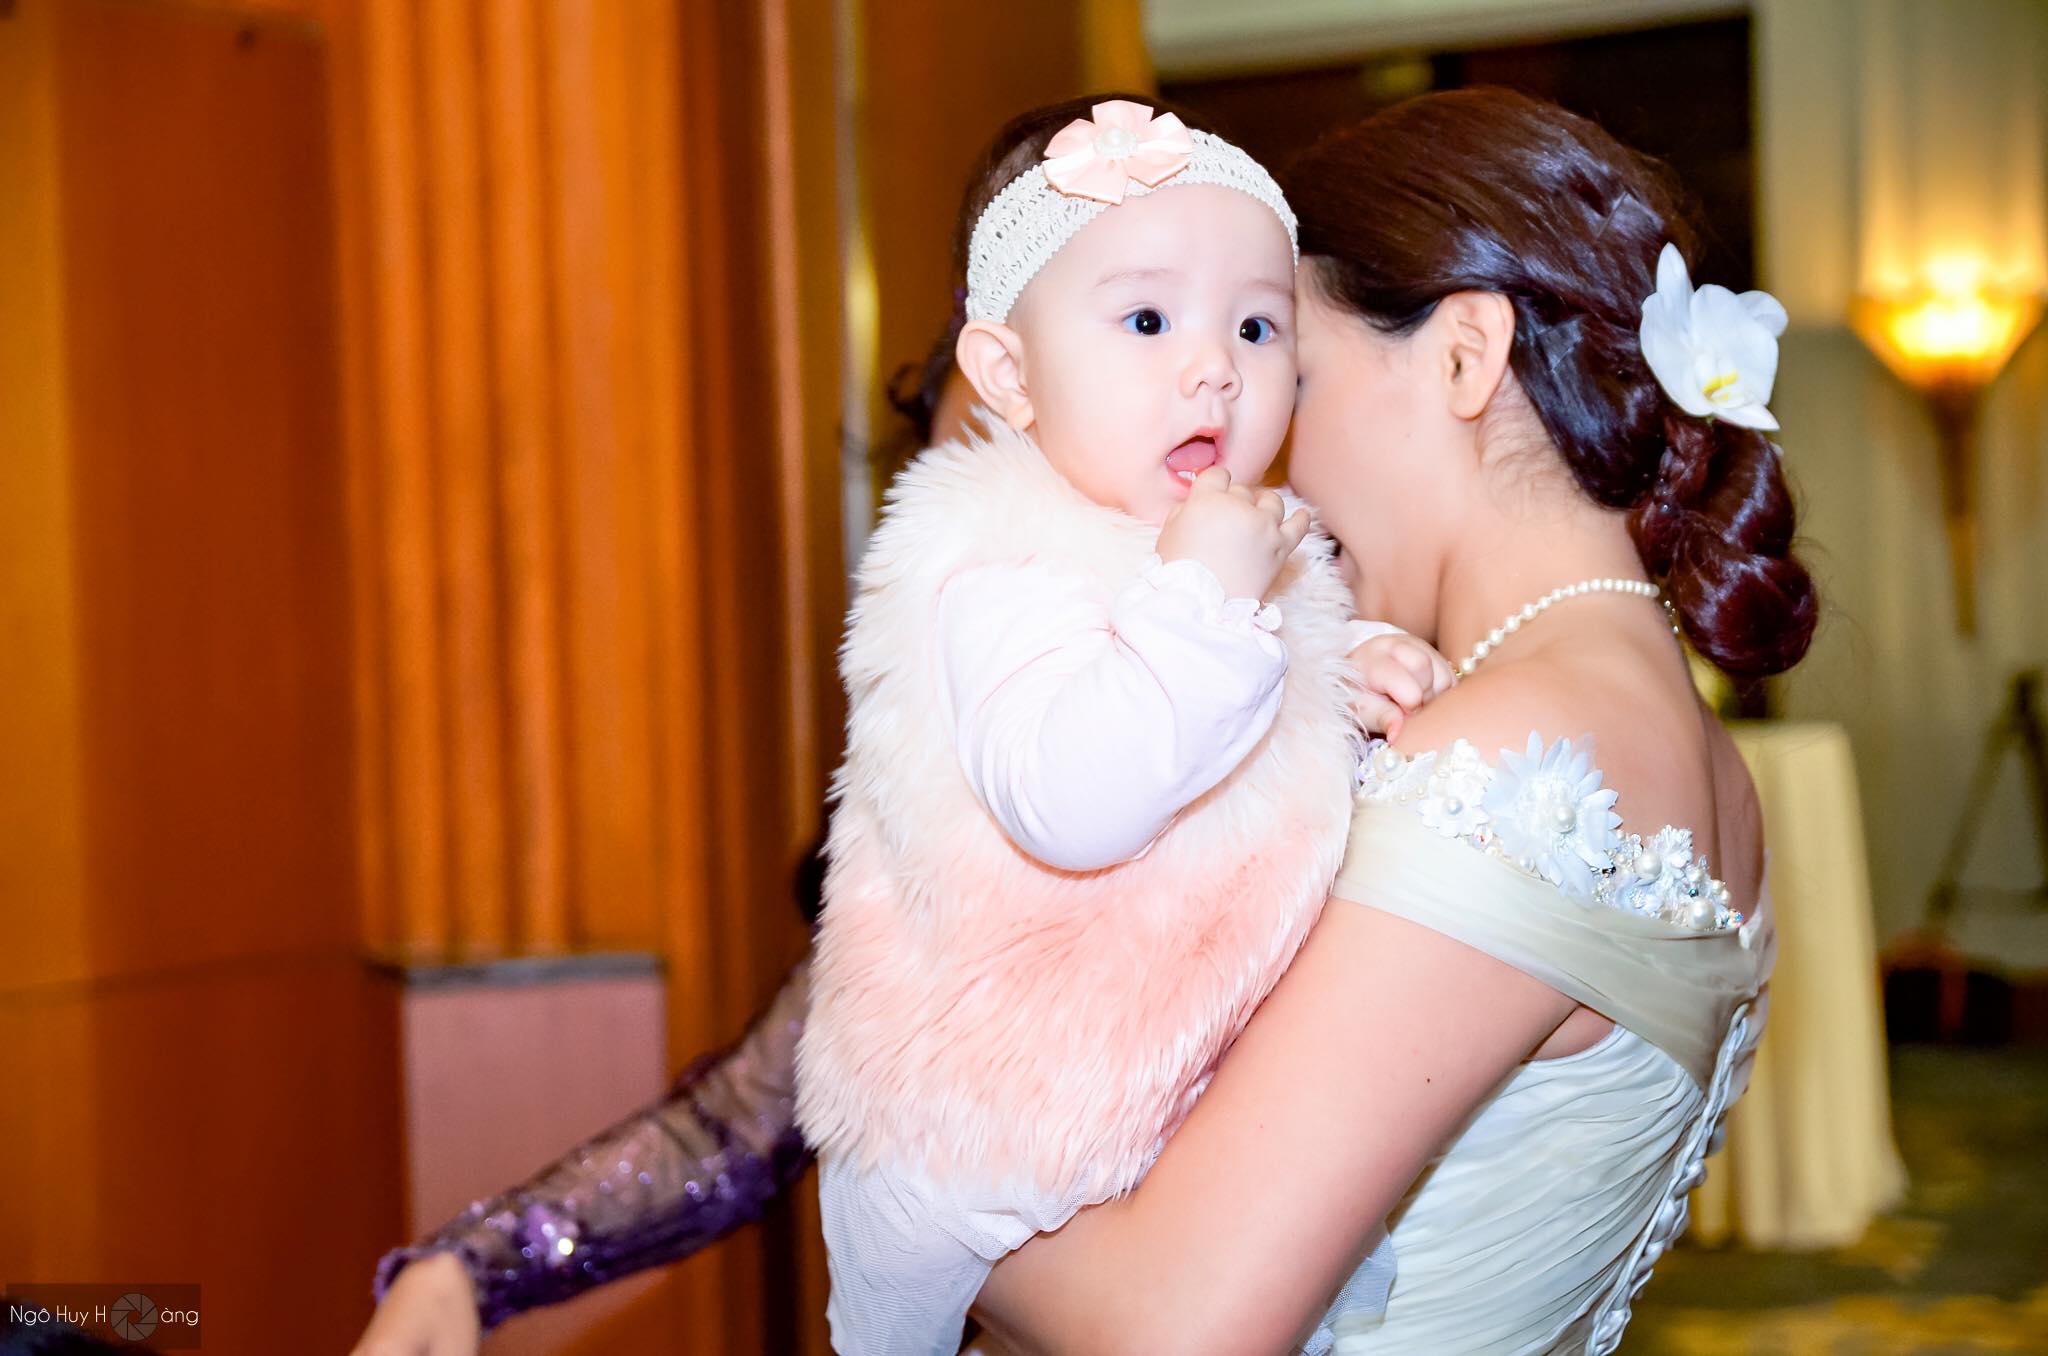 'Mốt' cho con xuất hiện trong đám cưới của sao Việt - 3